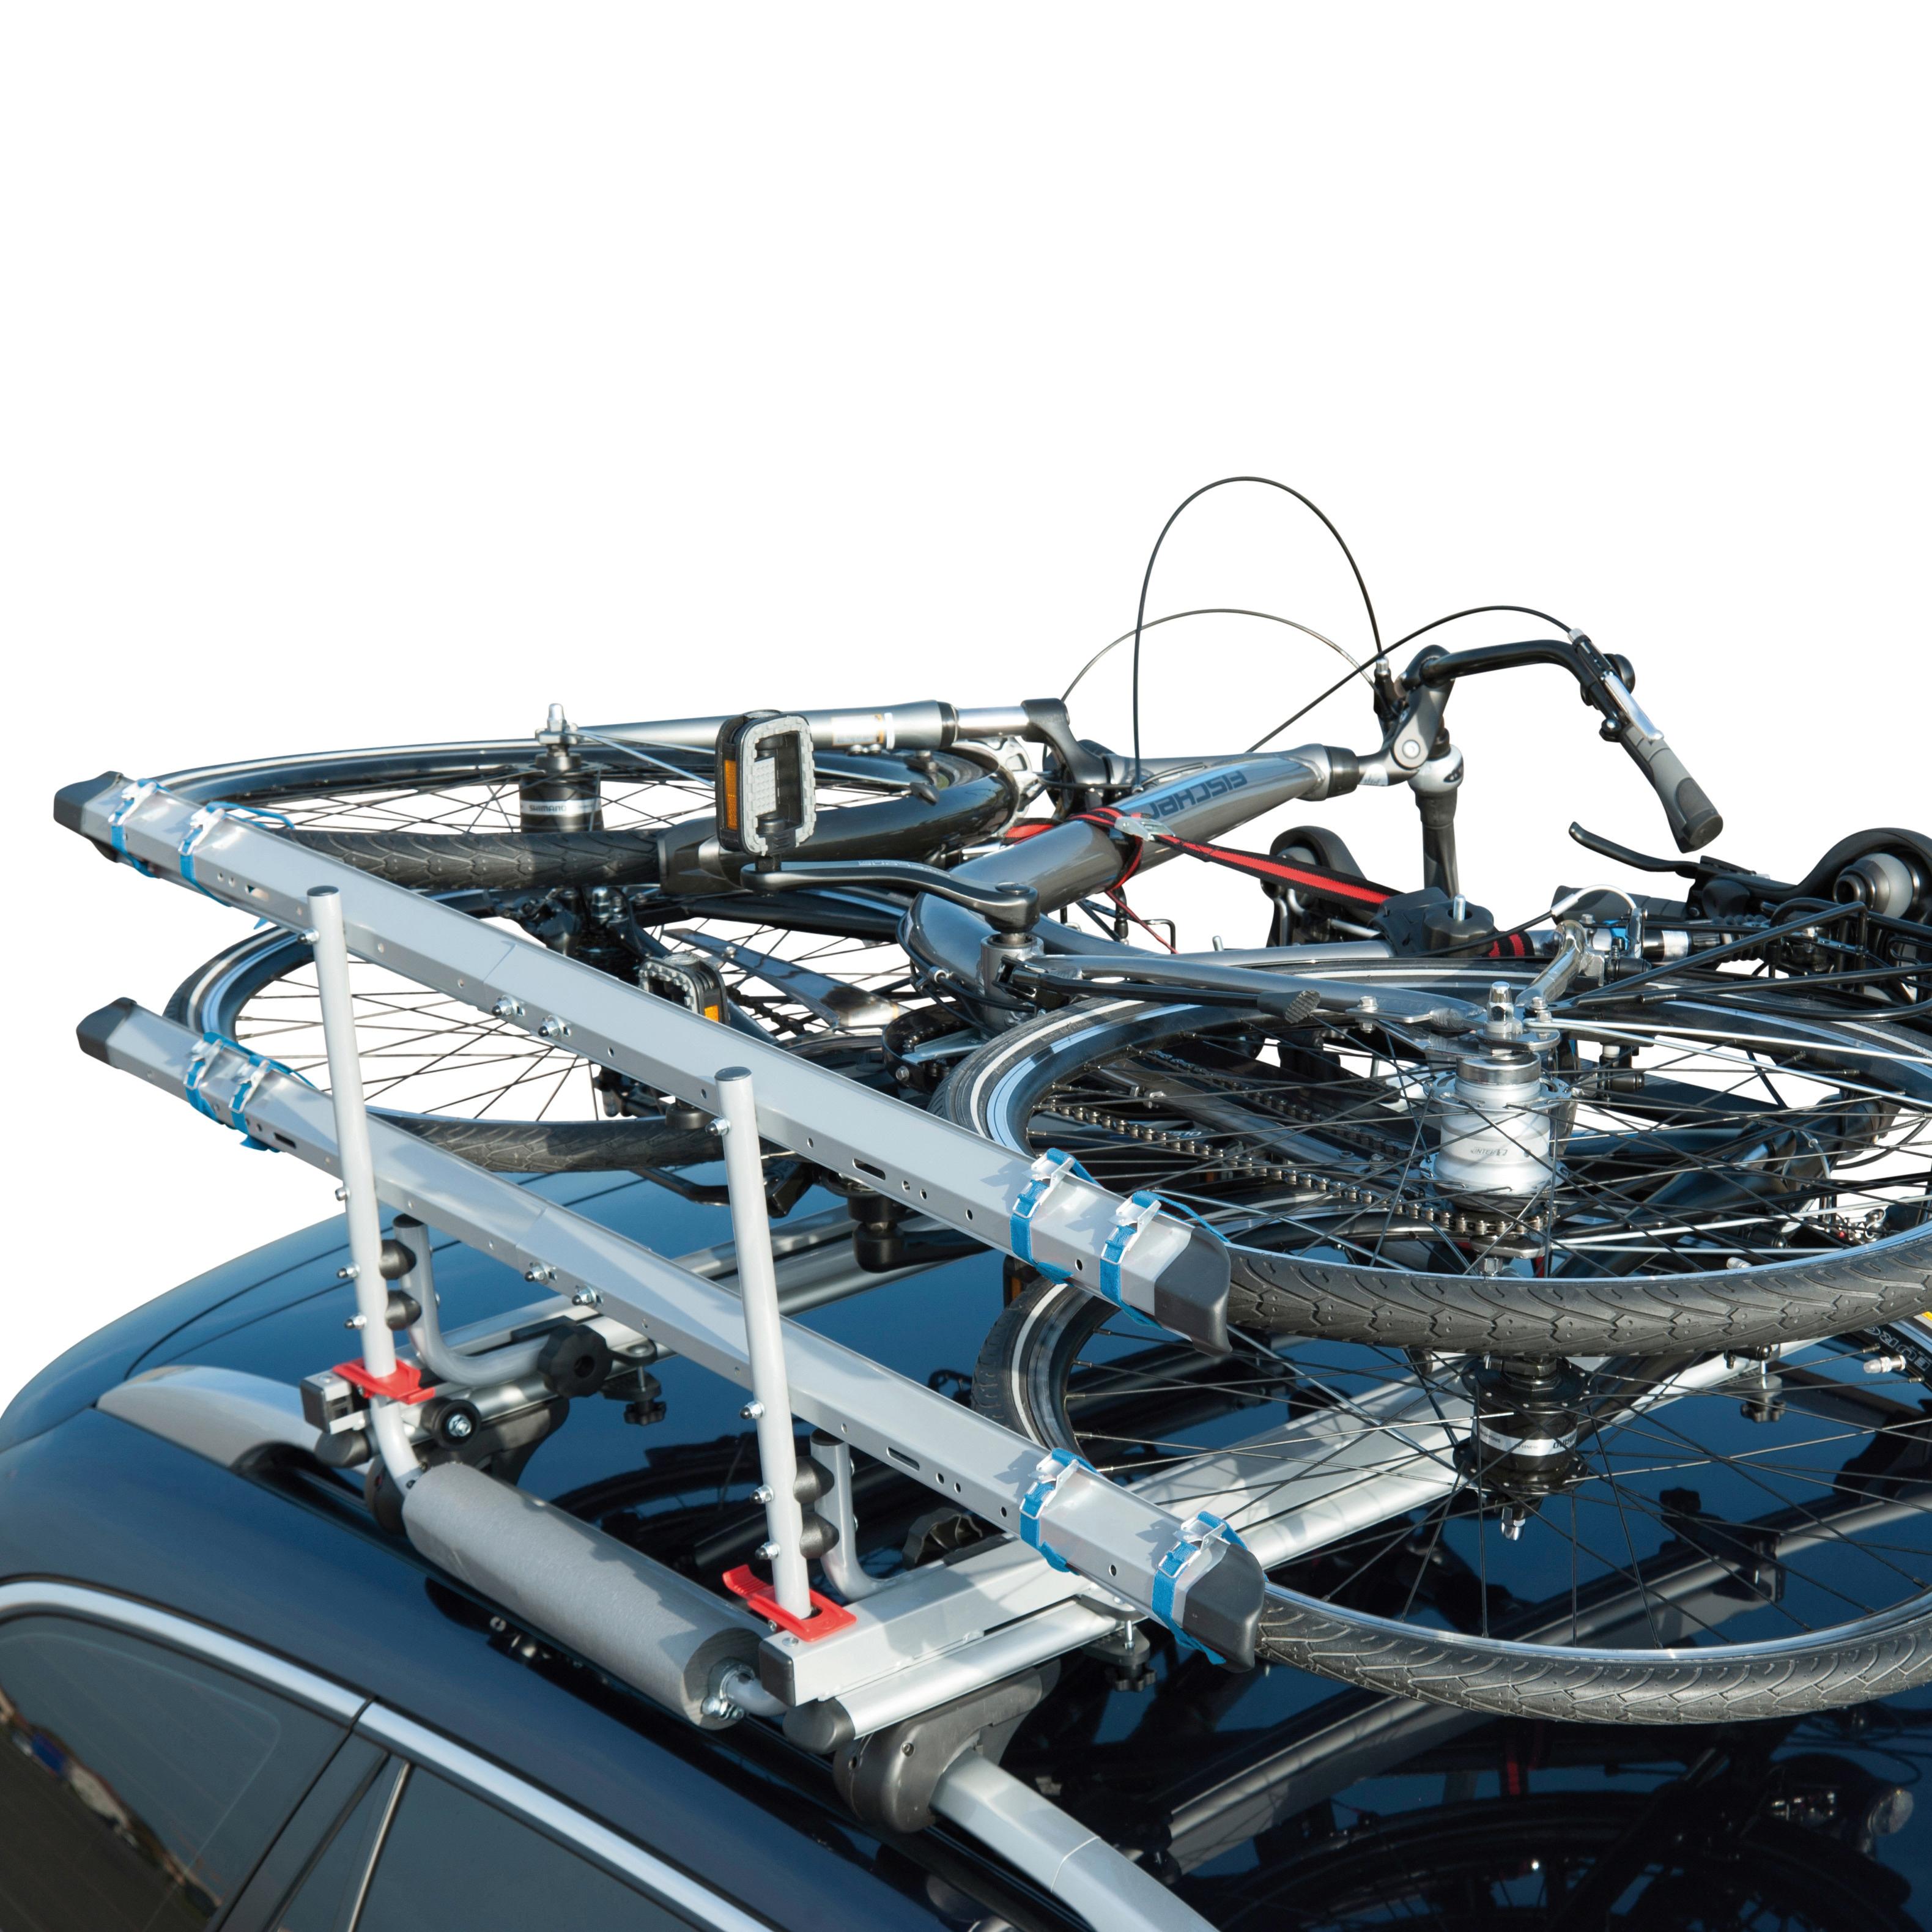 FISCHER Fahrräder Dachfahrradträger Dachlift grau Fahrradträger Autozubehör Reifen